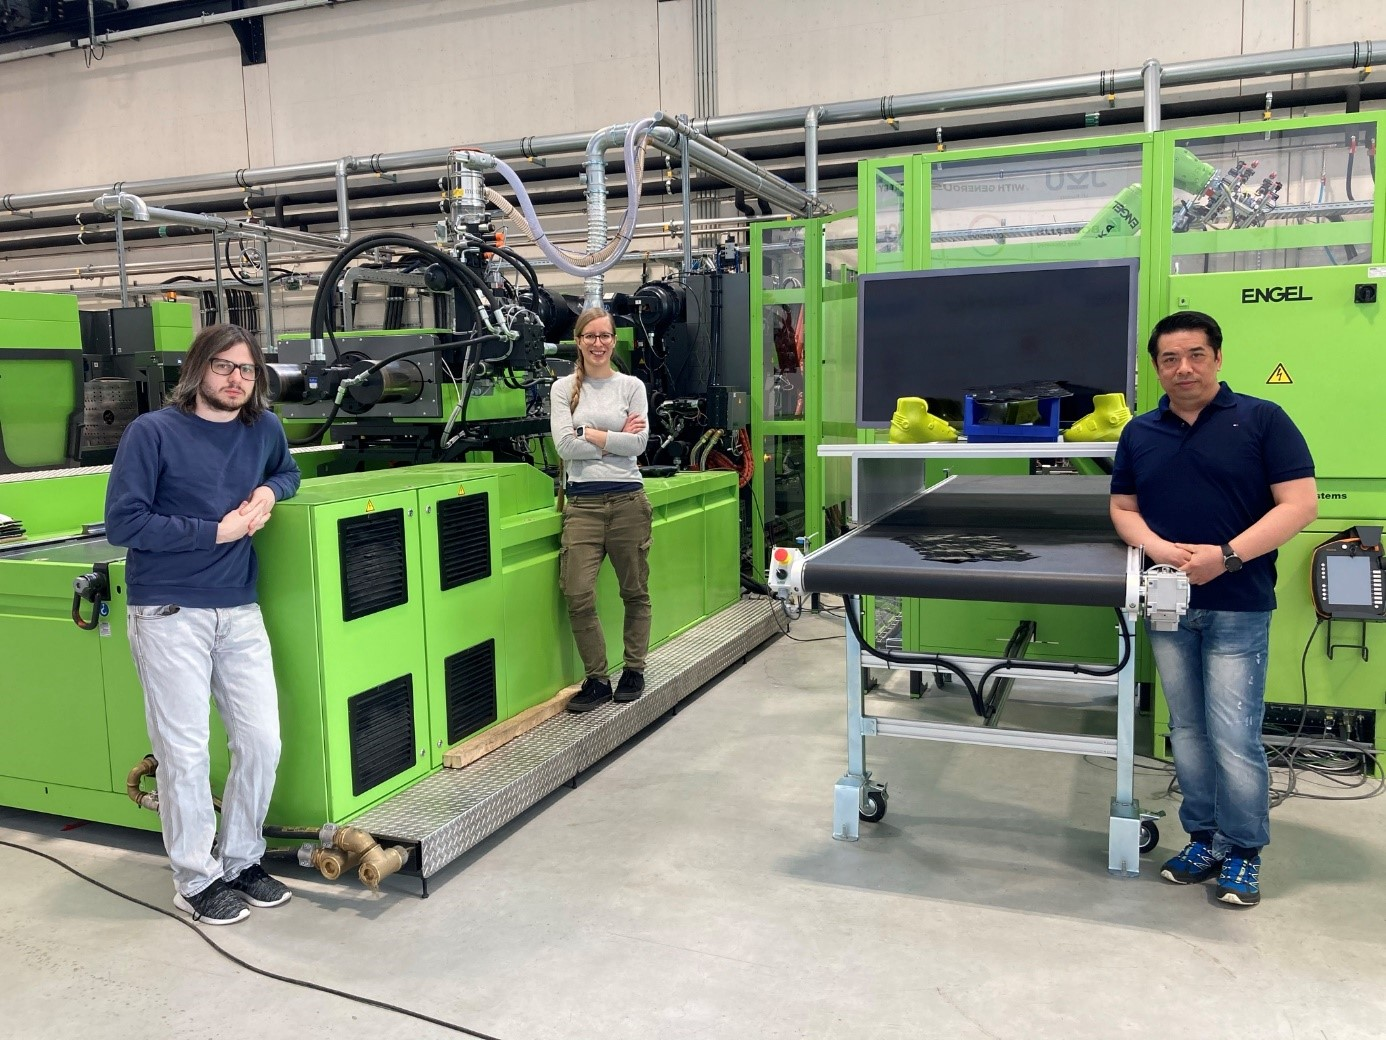 Von links: Janos Birtha, Eva Kobler, Niki Chung (an der UD-Tape Anlage der LIT factory)